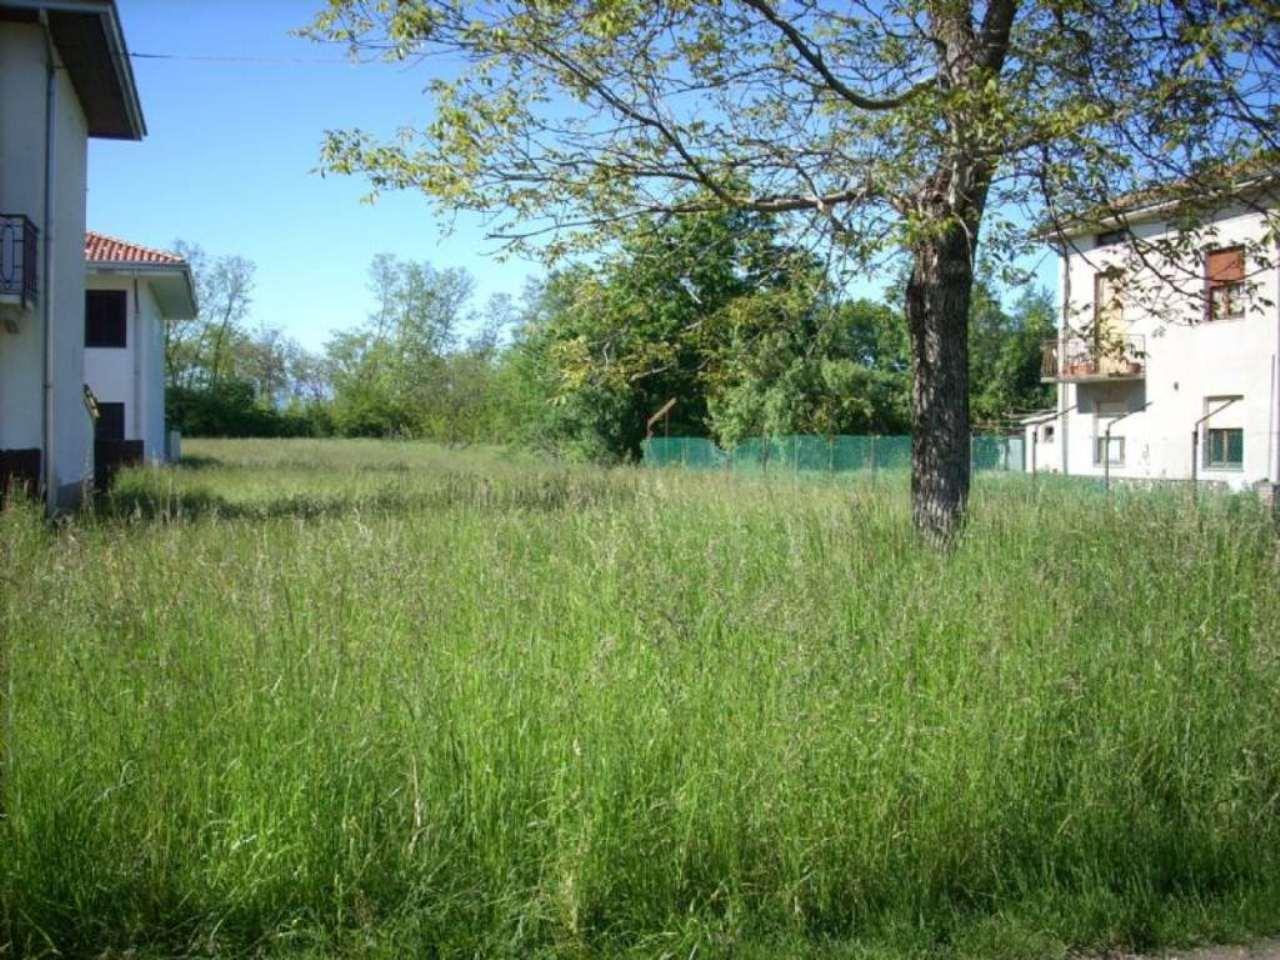 Terreno Edificabile Residenziale in vendita a Fontaneto d'Agogna, 9999 locali, prezzo € 75.000 | PortaleAgenzieImmobiliari.it